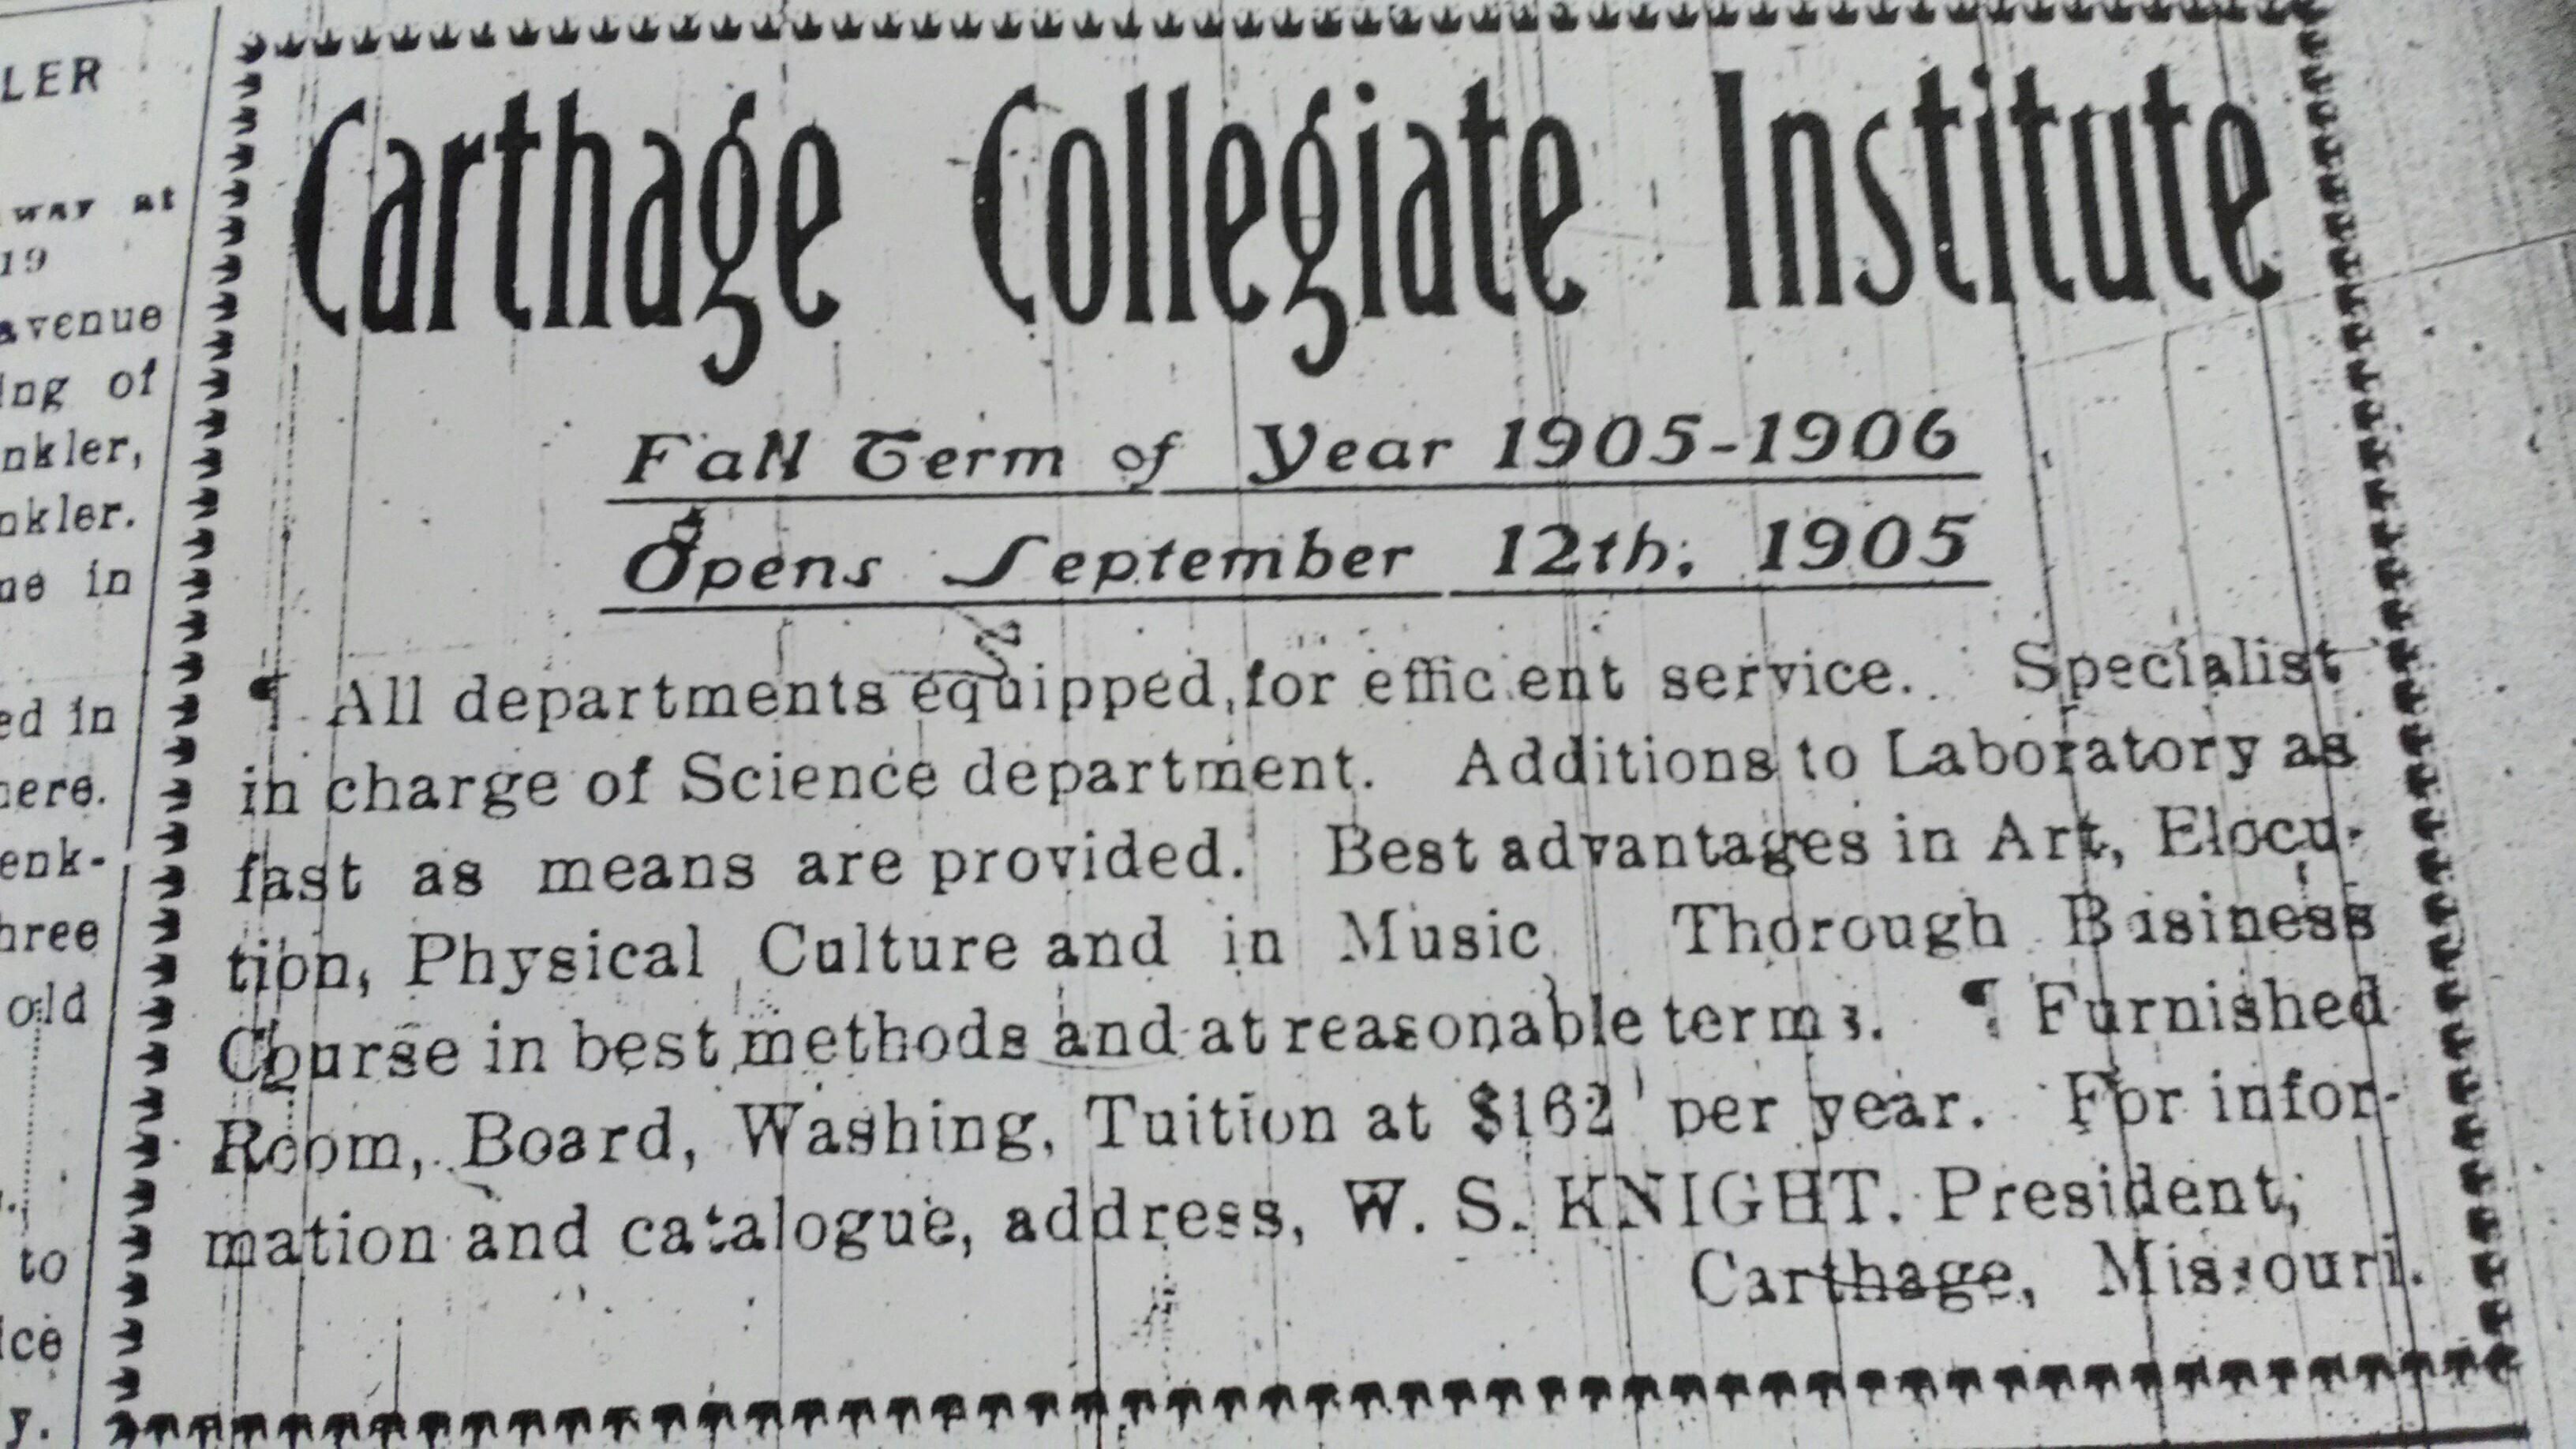 1905 Advertisement for Carthage Collegiate Institute